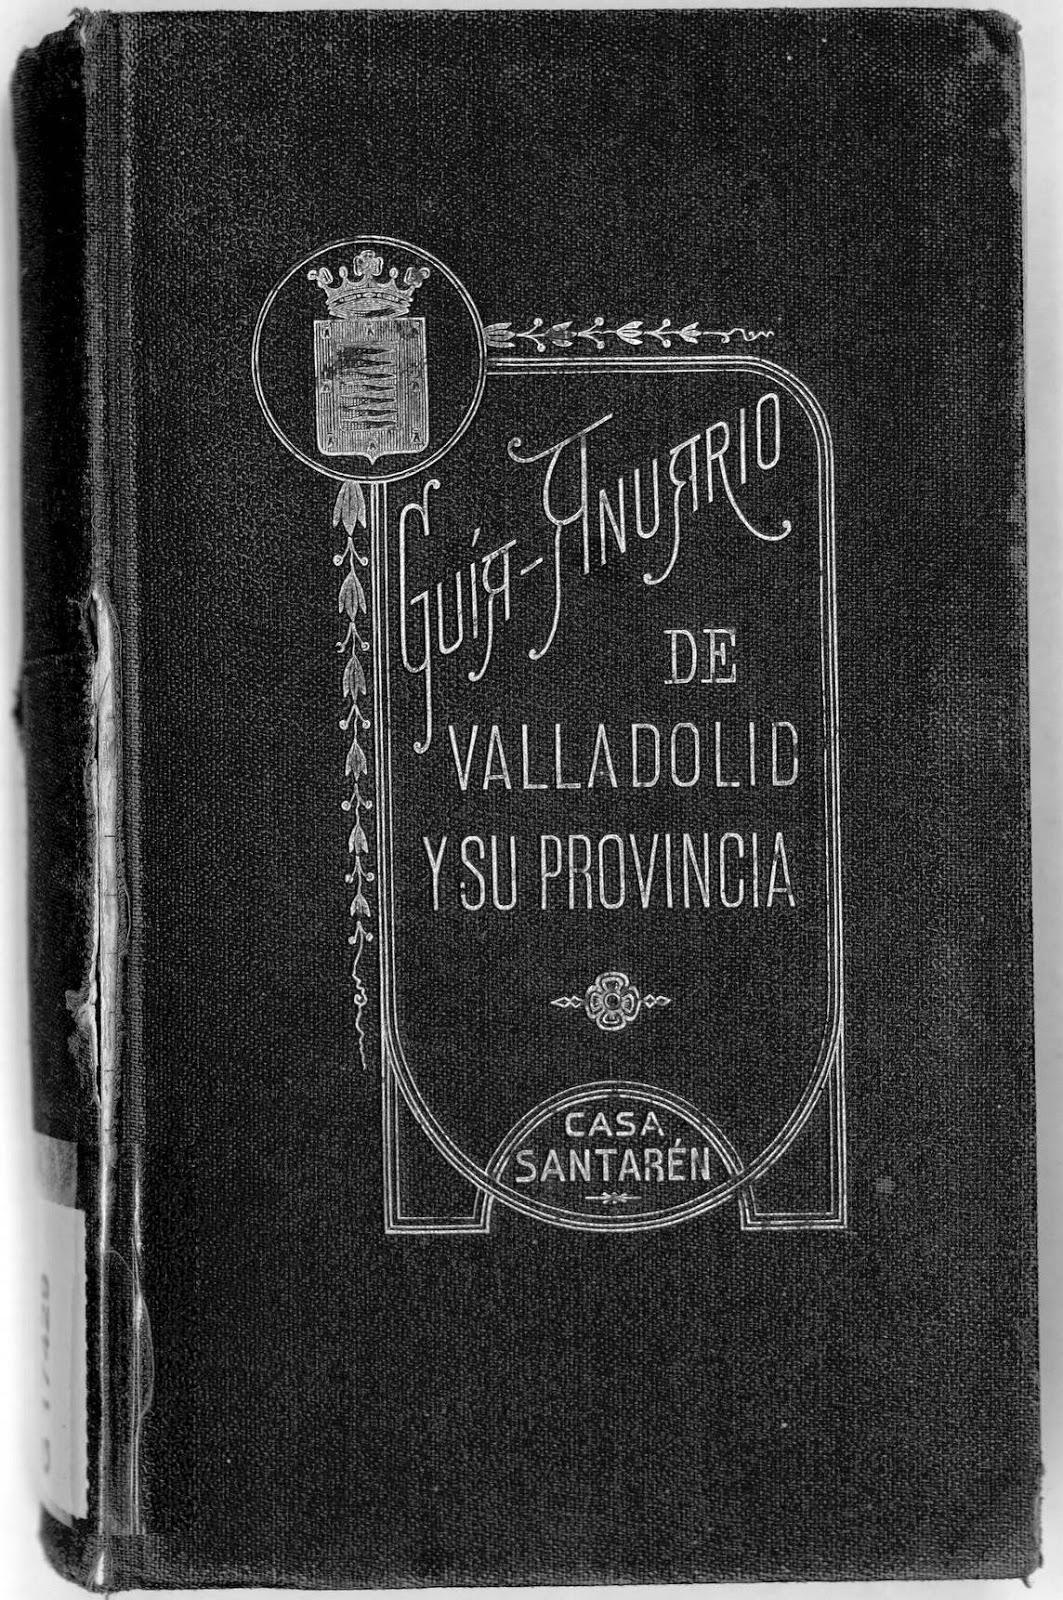 Guía-anuario de Valladolid y su provincia 1927 de la Casa Santarén, portada